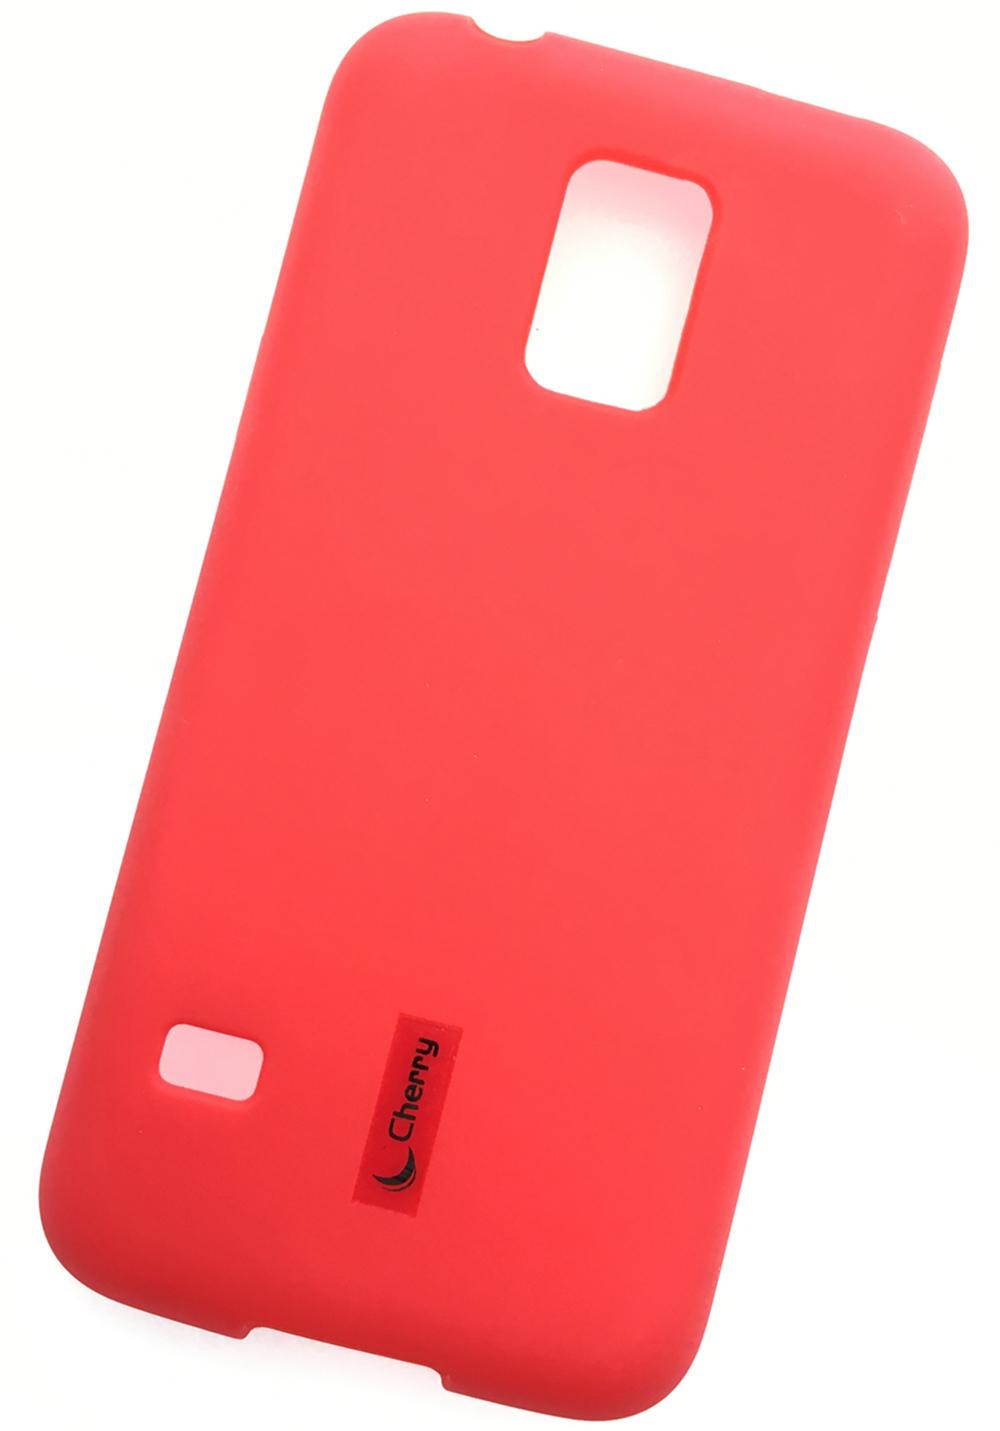 Чехол для сотового телефона Cherry Samsung S5 mini Накладка резиновая с пленкой на экран, красный